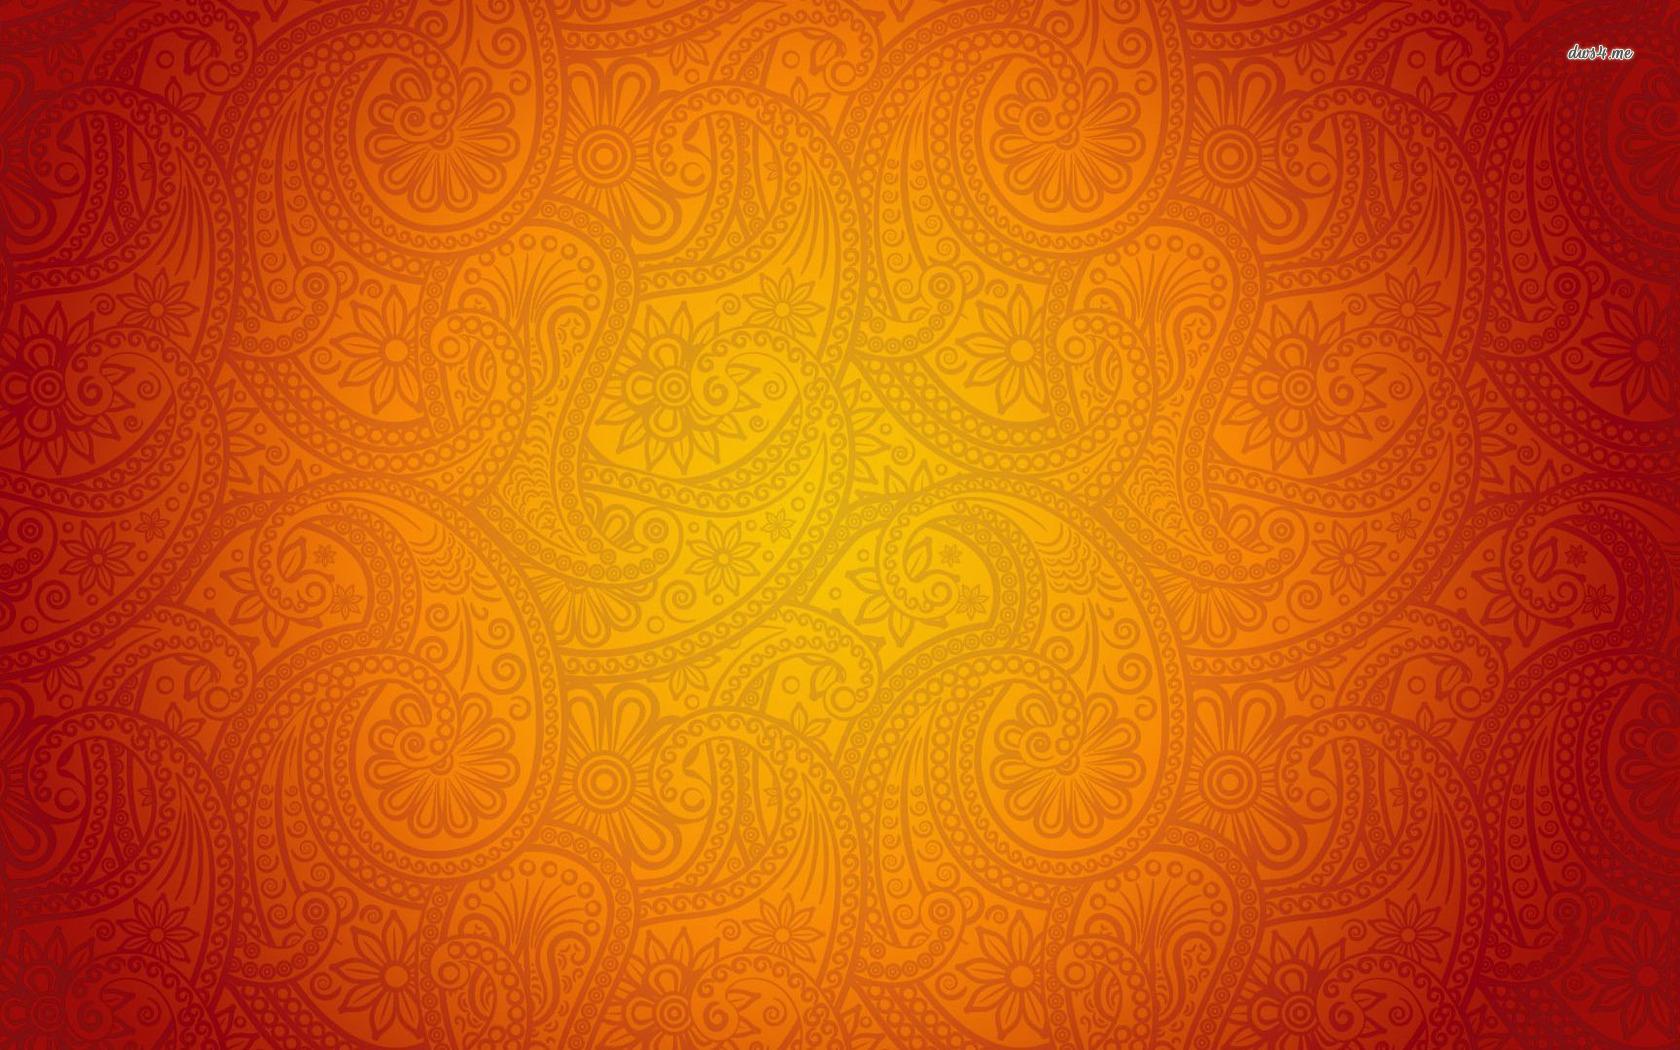 Index of /wp-content/uploads/Plain-Orange-Wallpapers for Light Orange Background Wallpaper  11lplpg